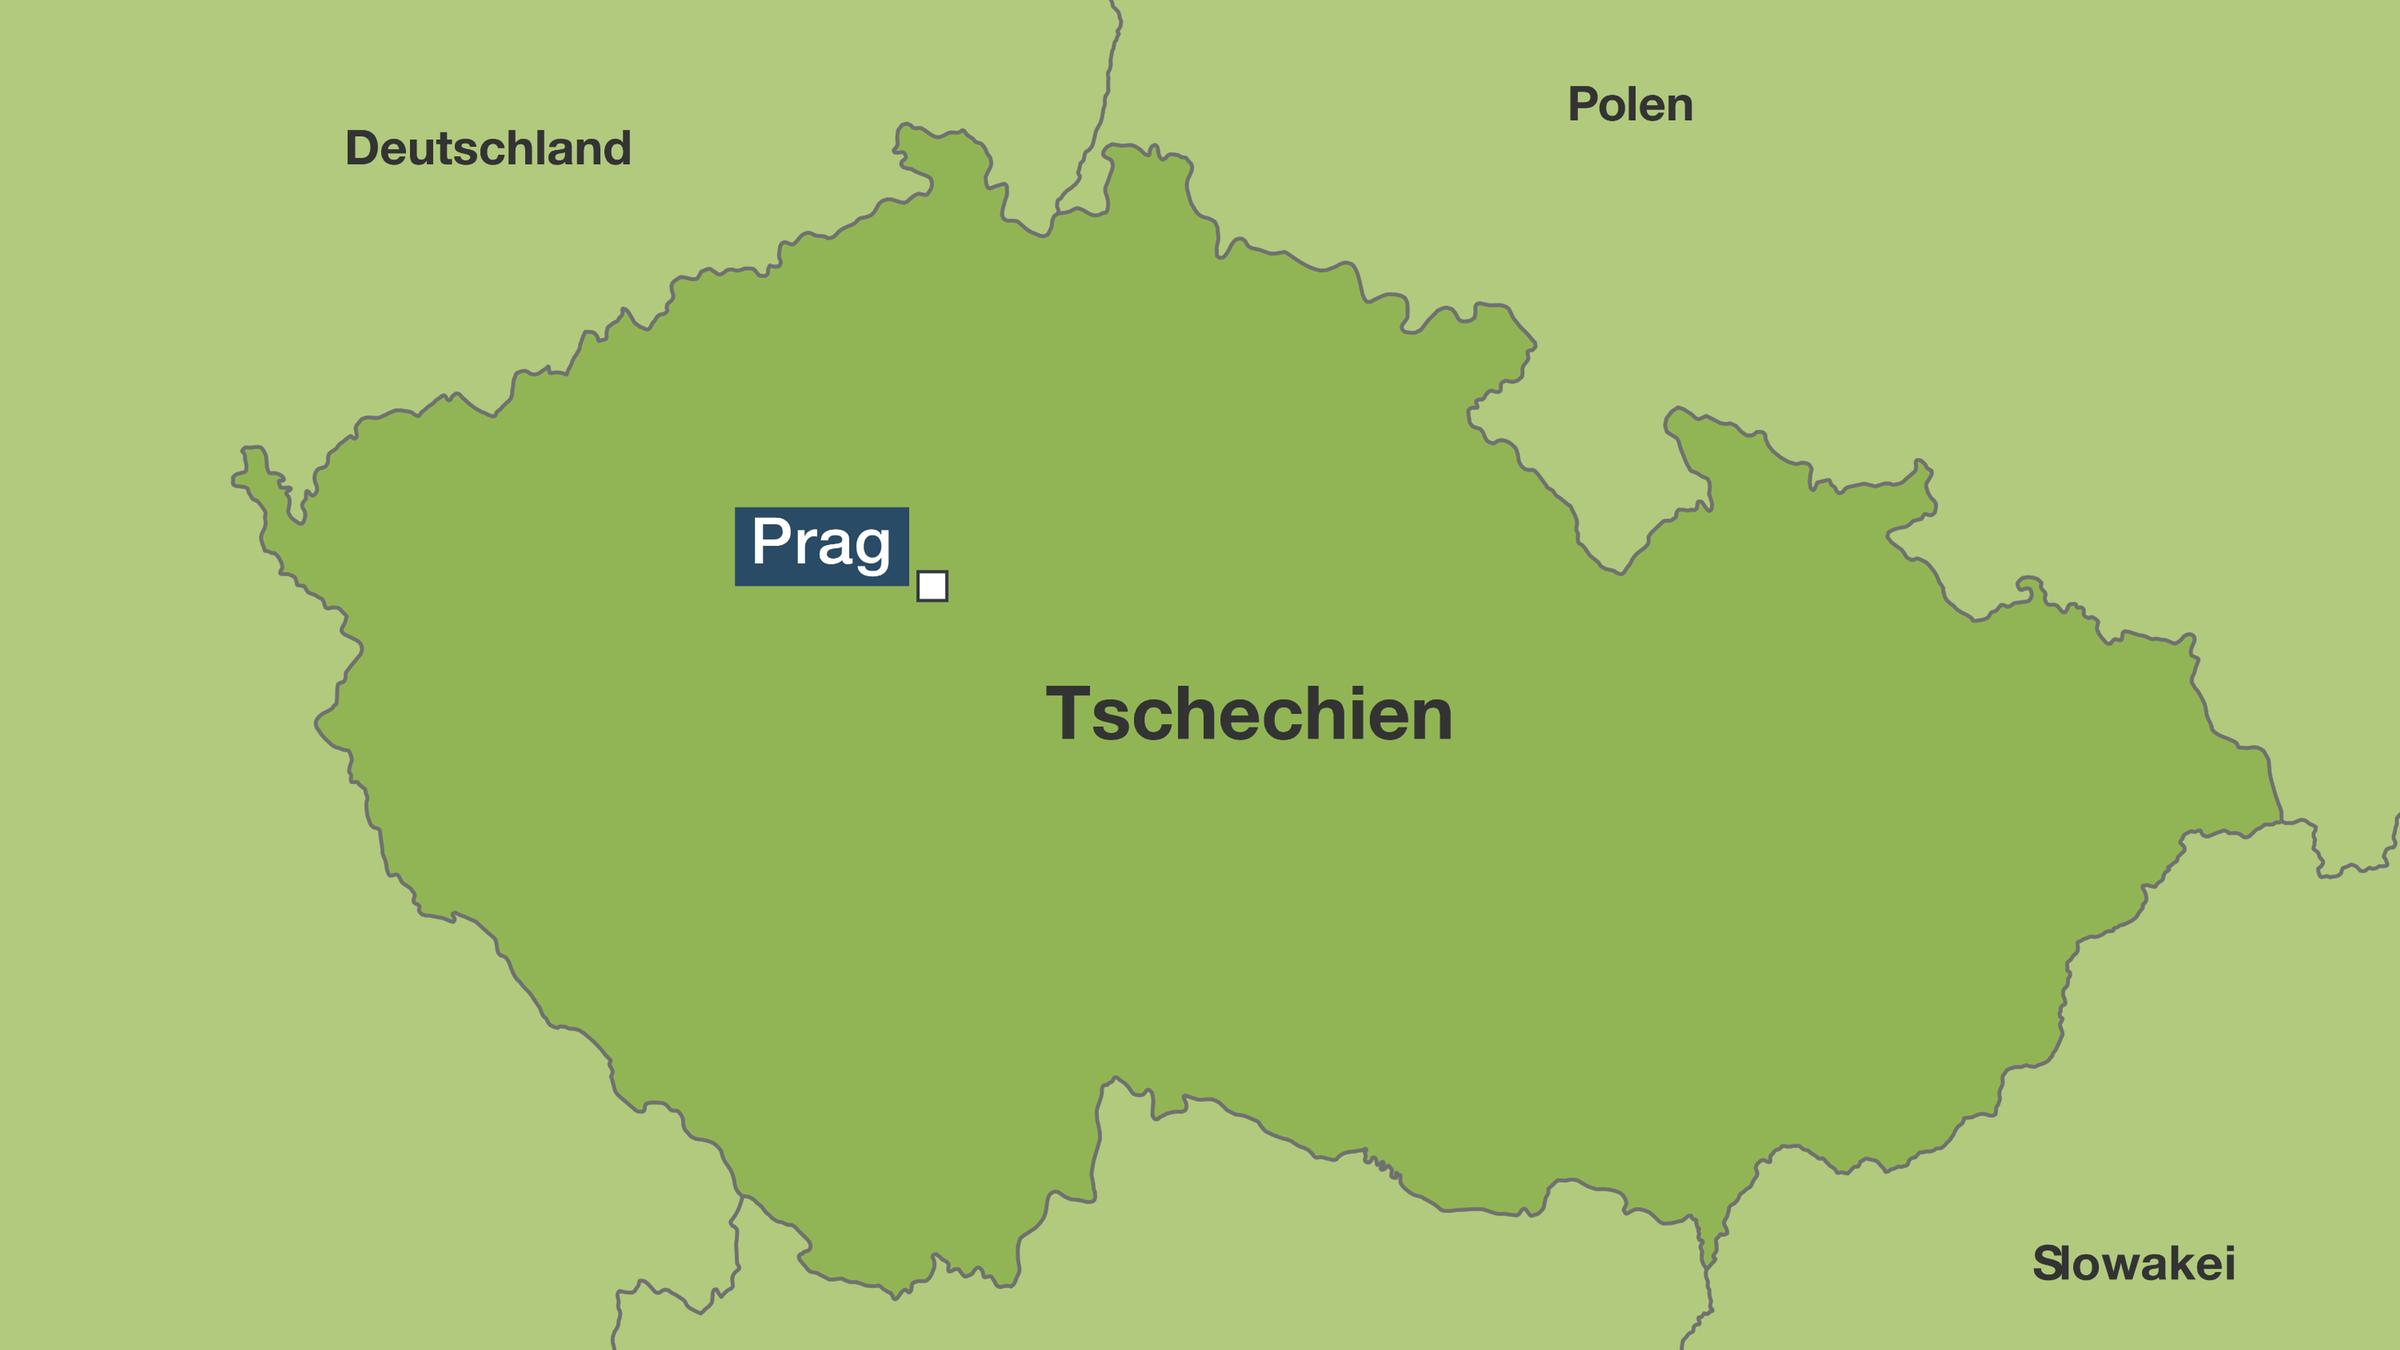 Prag Karte Tschechien.Eu Fördermittel Für Tschechien Geldsegen Mit Schattenseiten